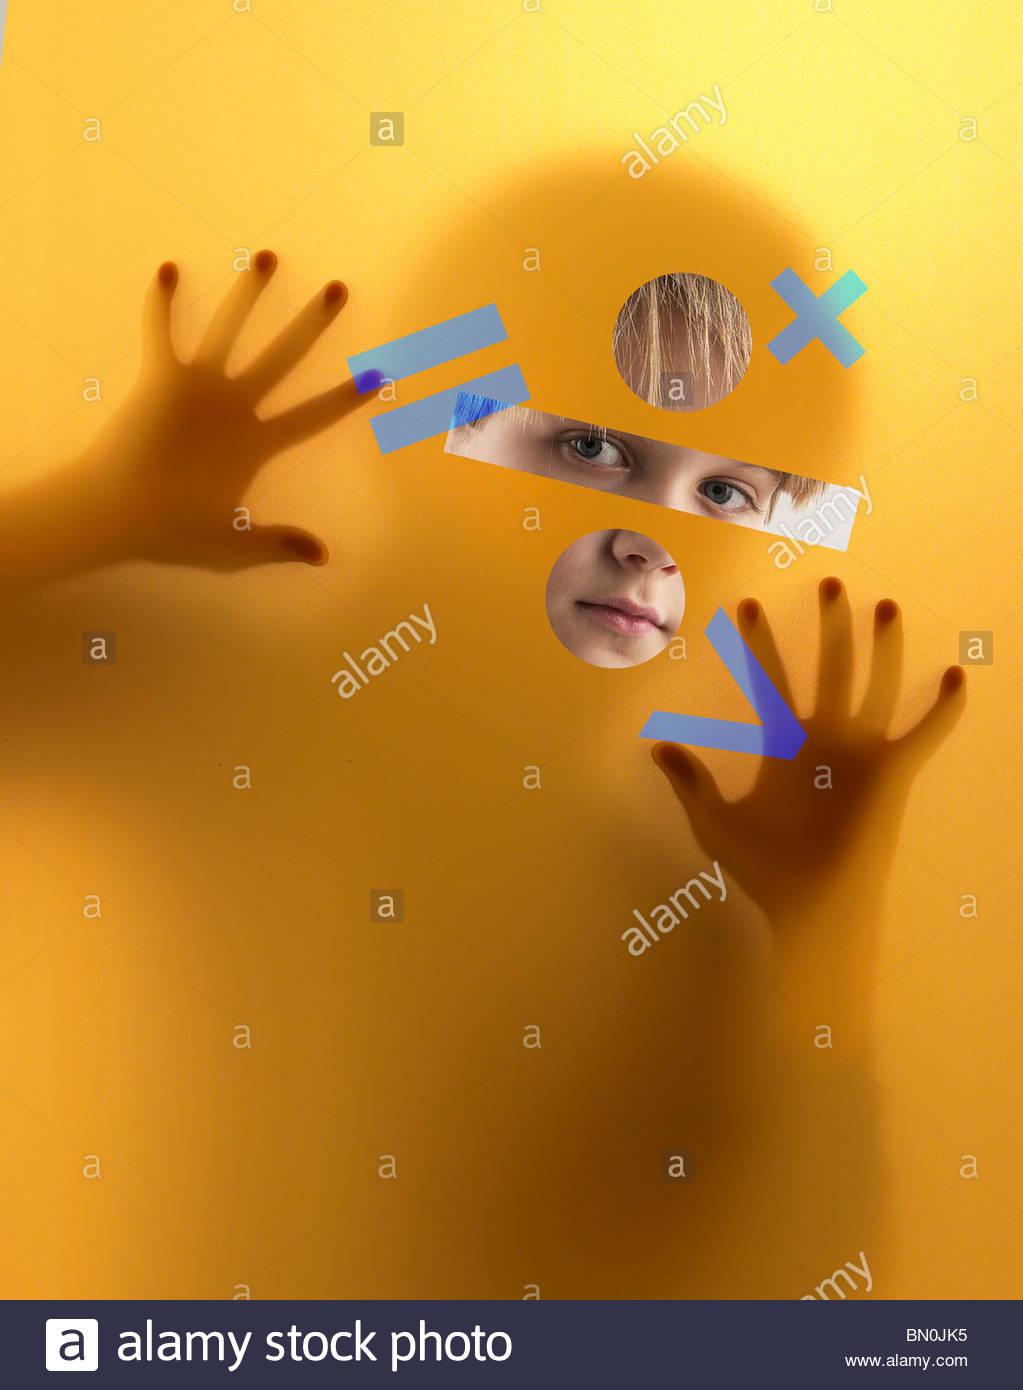 Um rapaz pares através de uma tela coberta em matemática símbolos Imagens de Stock